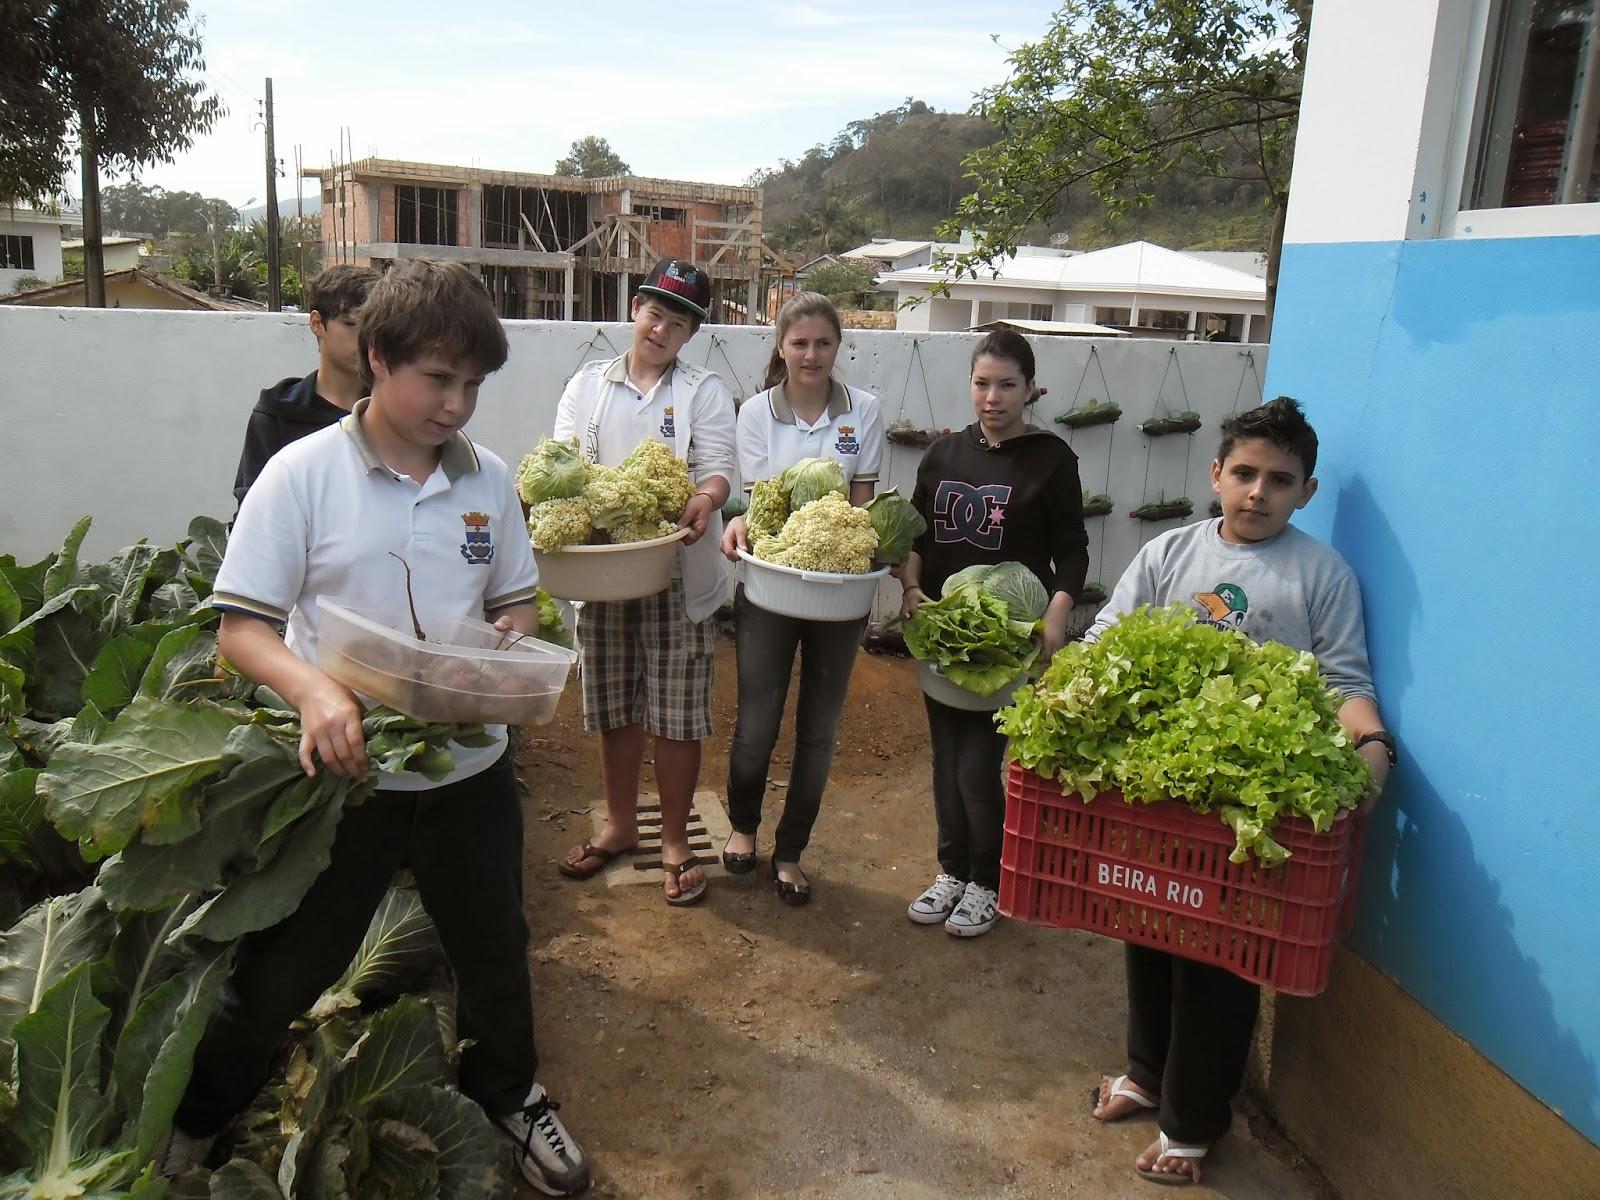 #2F769C desde Abril de 2013 na Escola Básica Judith Duarte de Oliveira na  1600x1200 px Projeto Cozinha Experimental Na Escola #2535 imagens